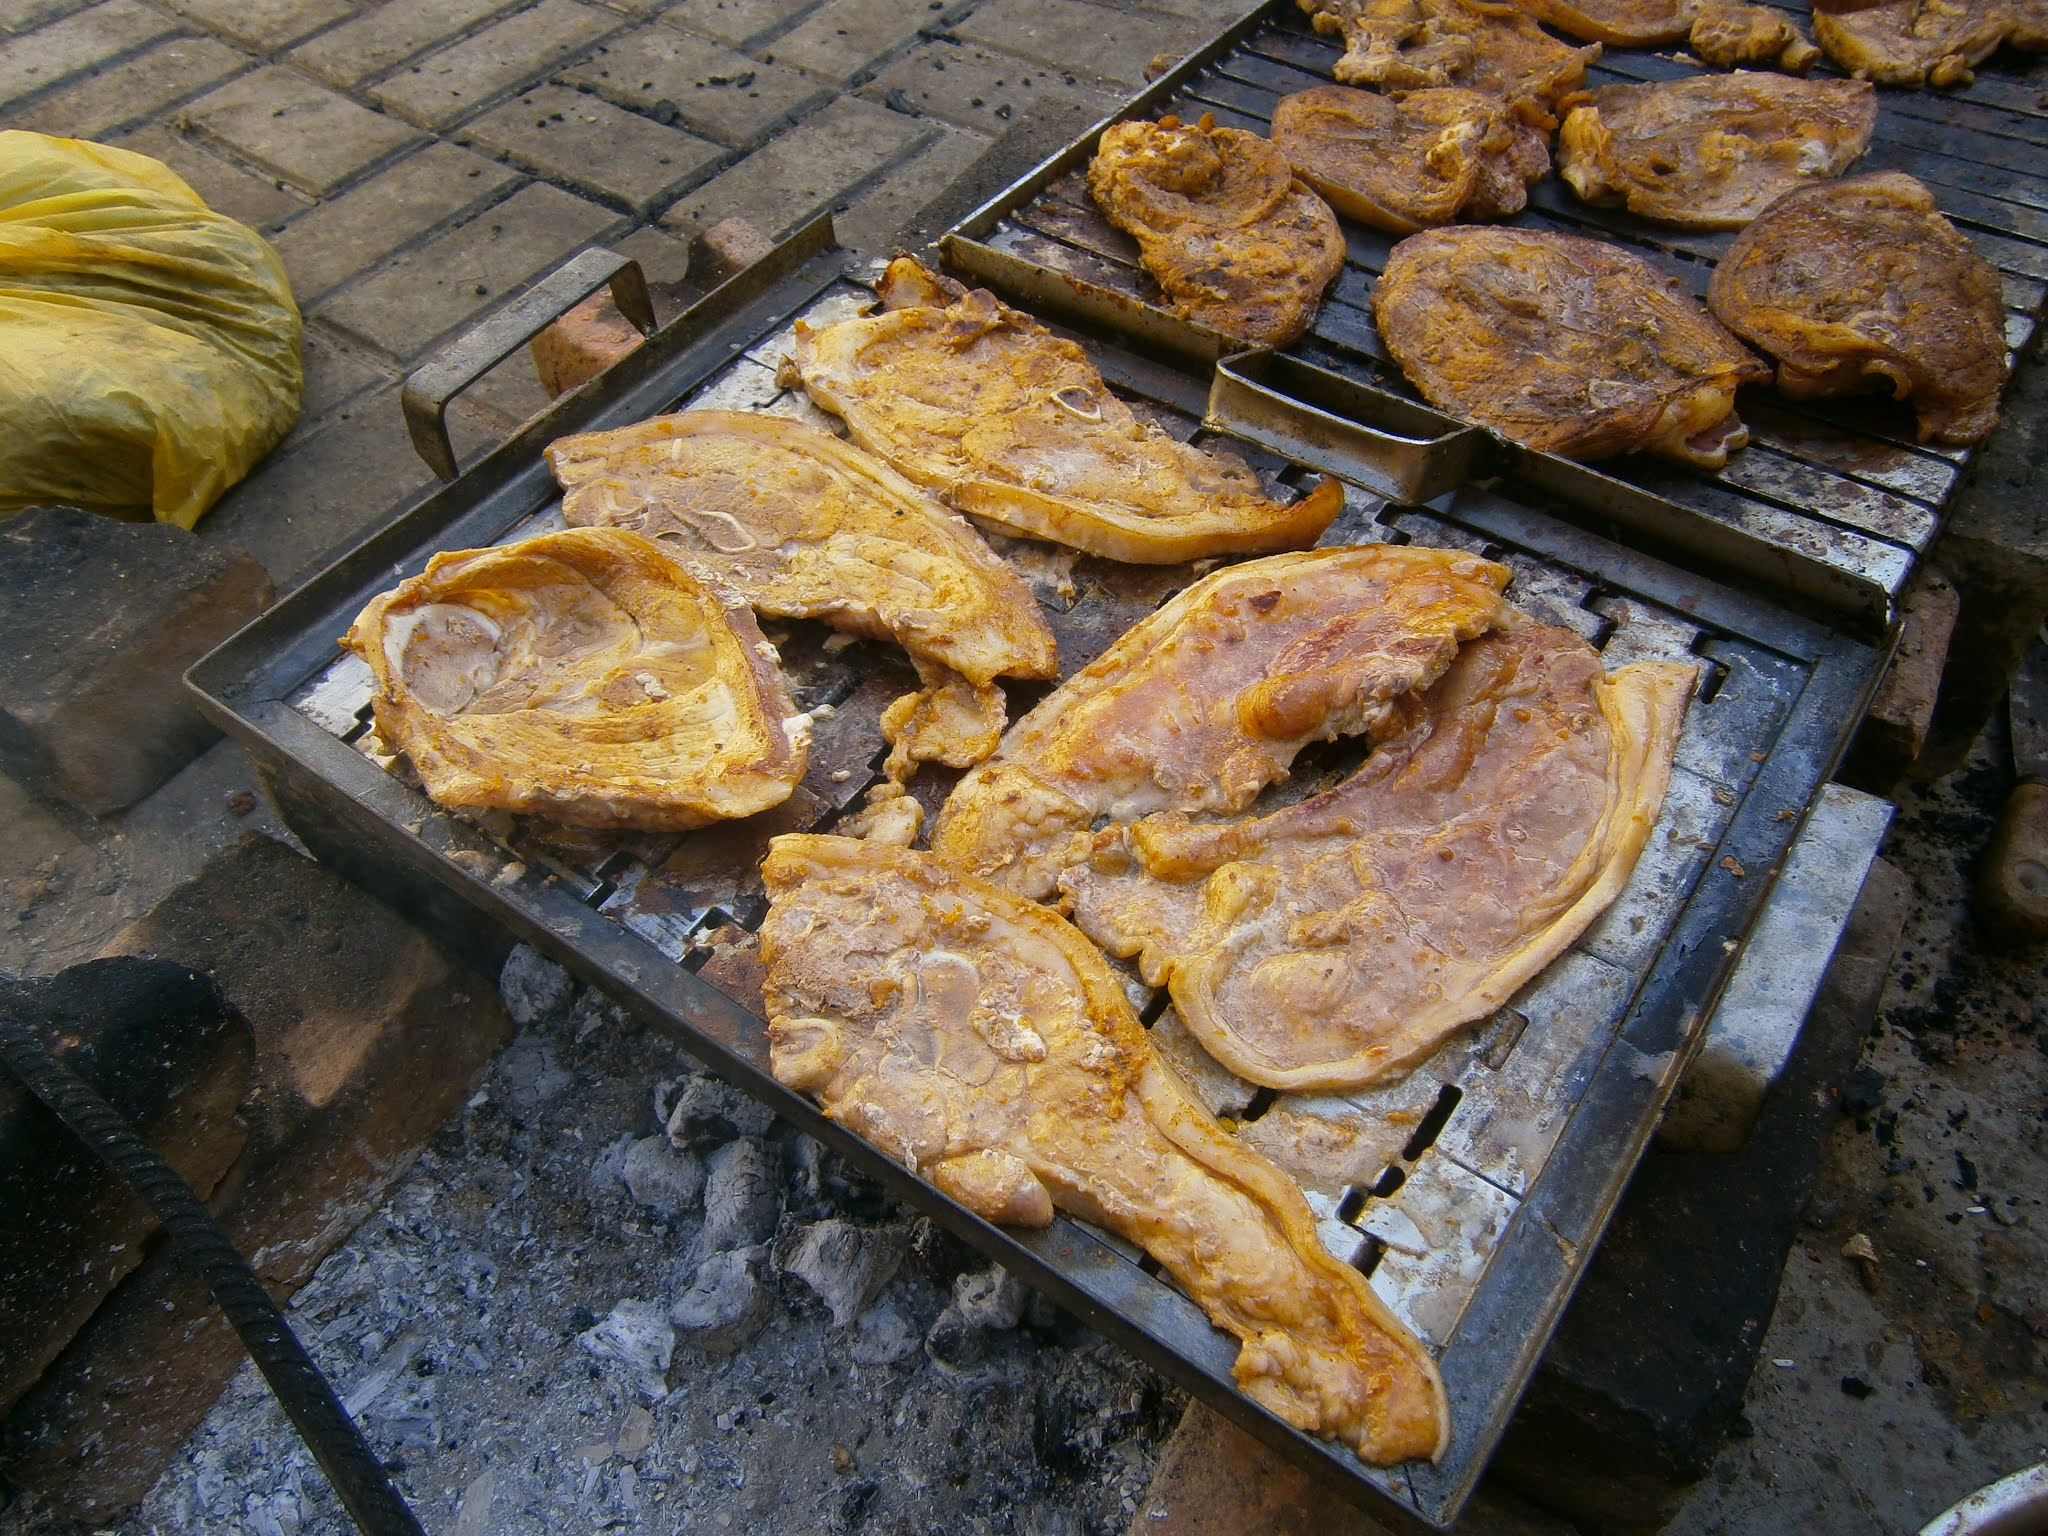 fotográfía de Parrilla de chancho hecha sobre una parrilla cocinado con carbón en Perú